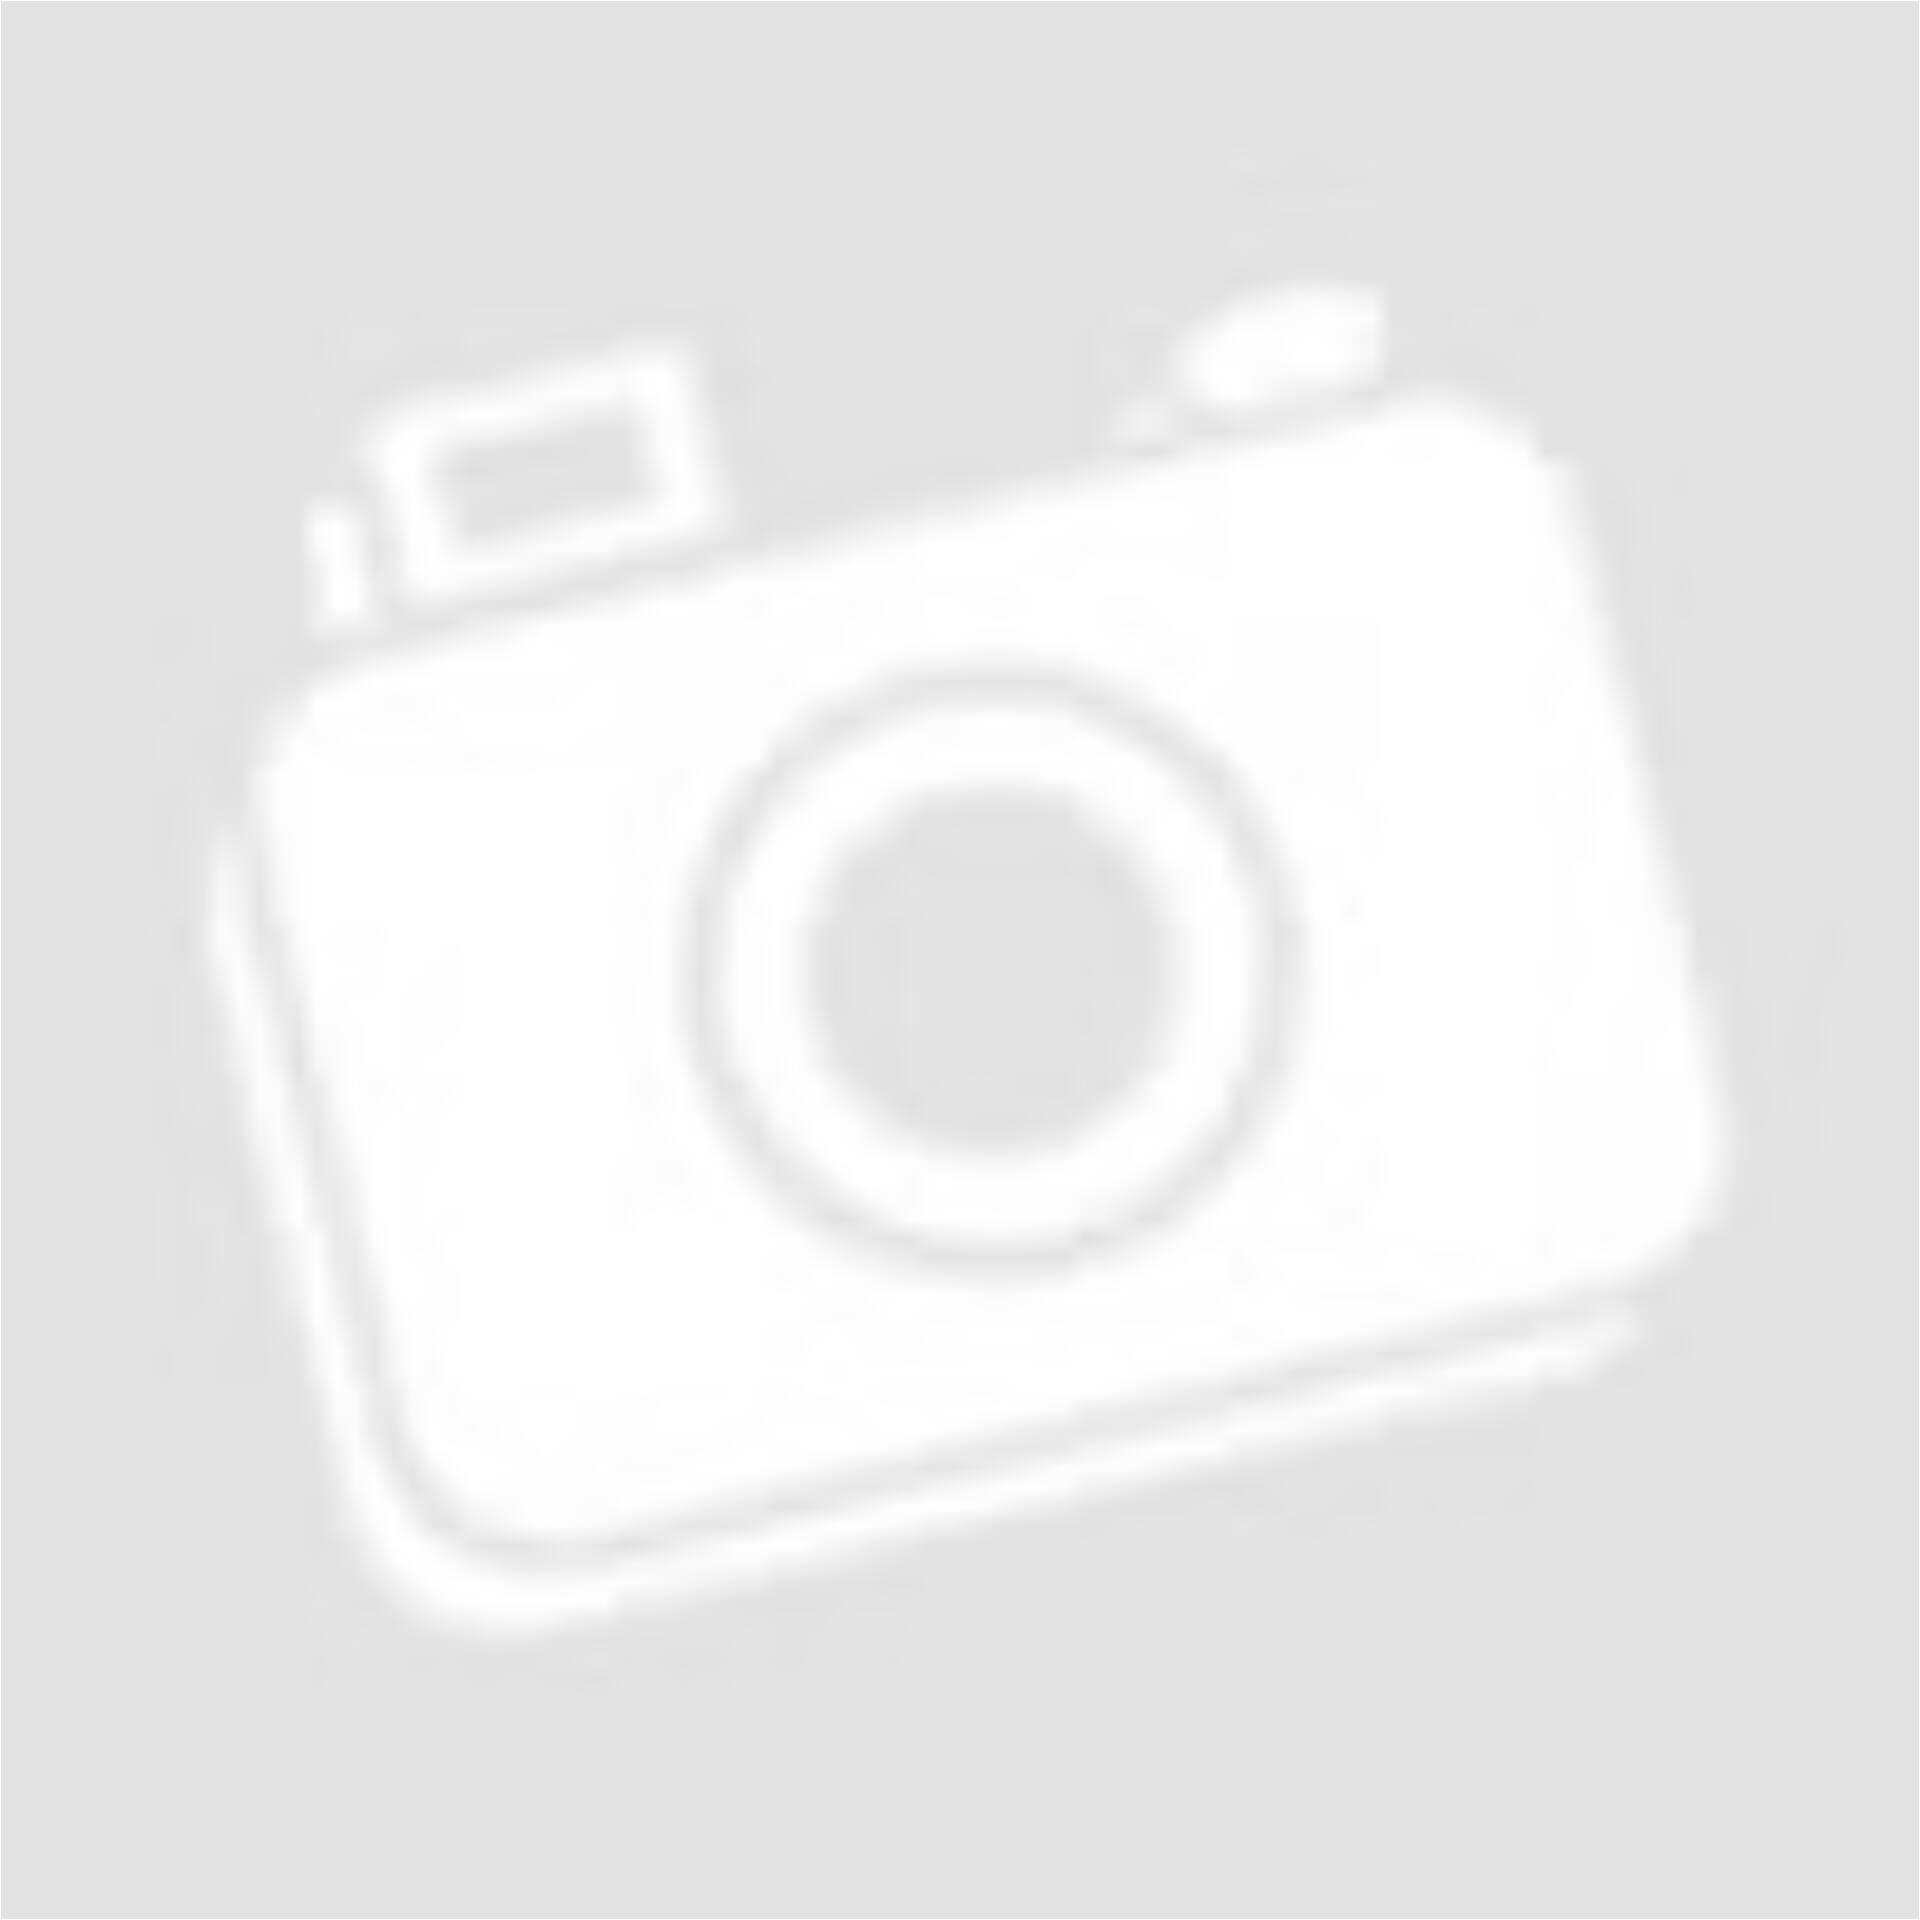 a06750e147 H&M kék színű fehér csíkos blúz (Méret: M) - Női felső, blúz, poncsó ...